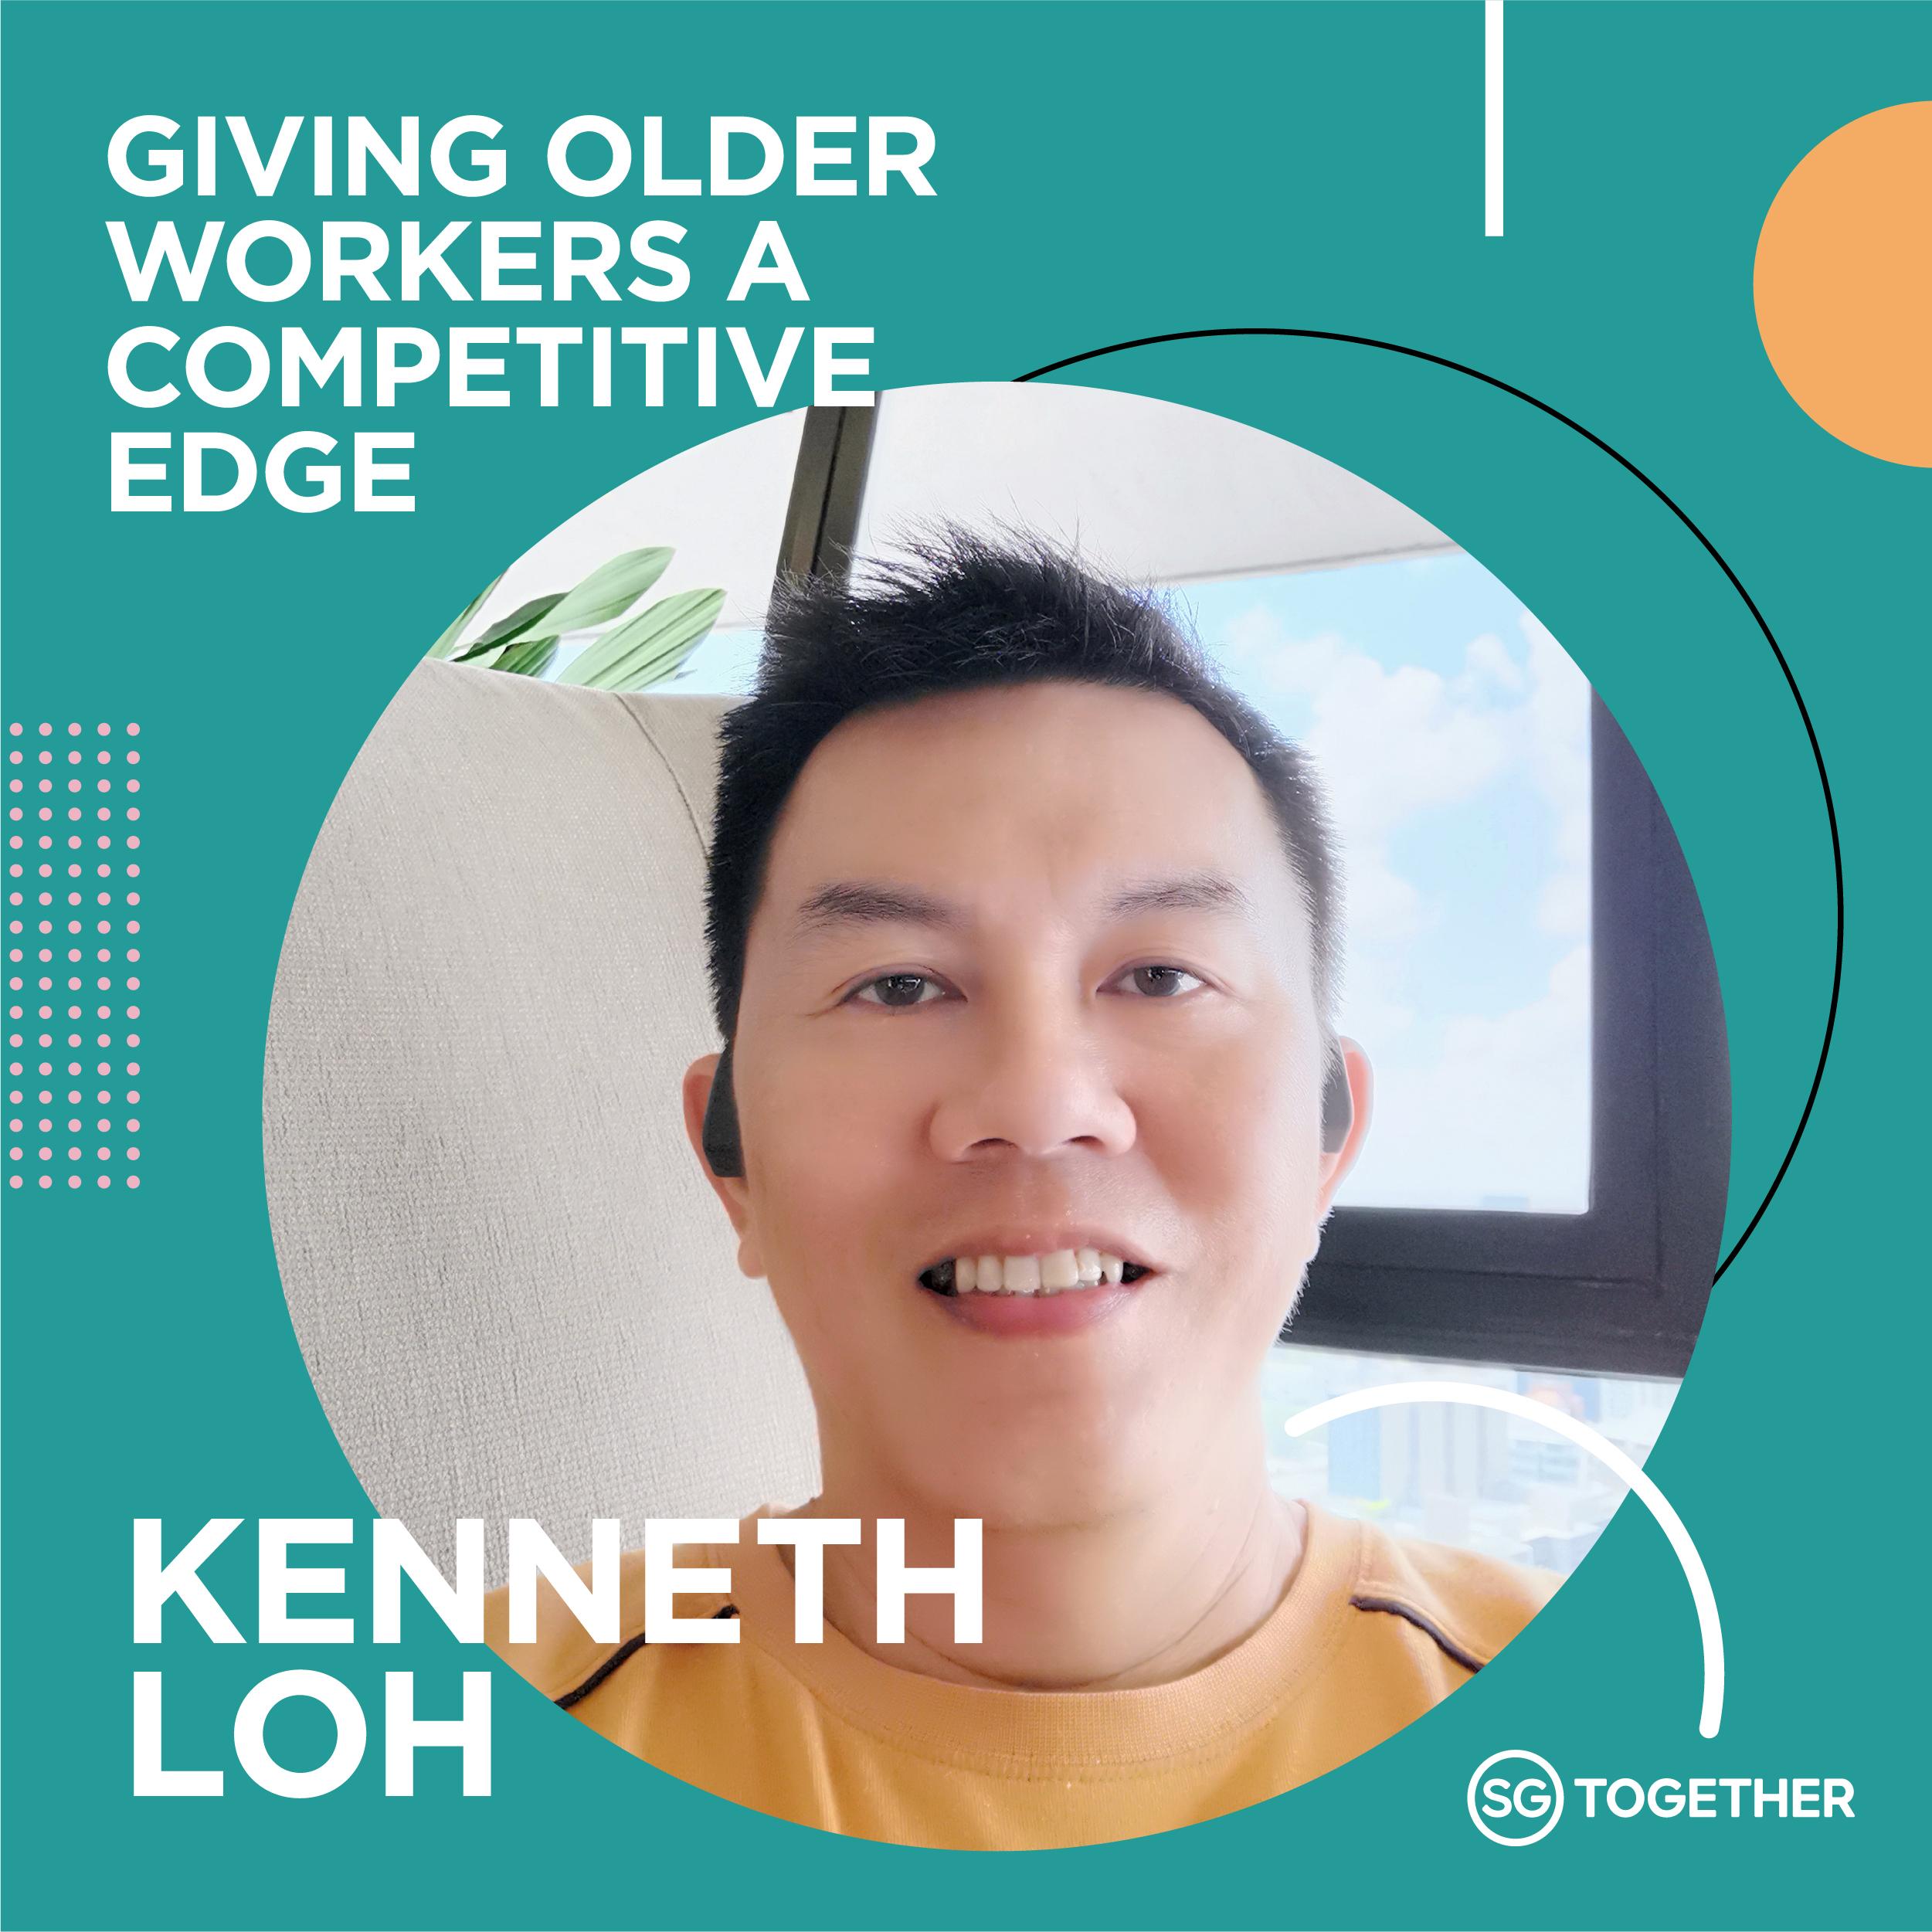 Kenneth Loh